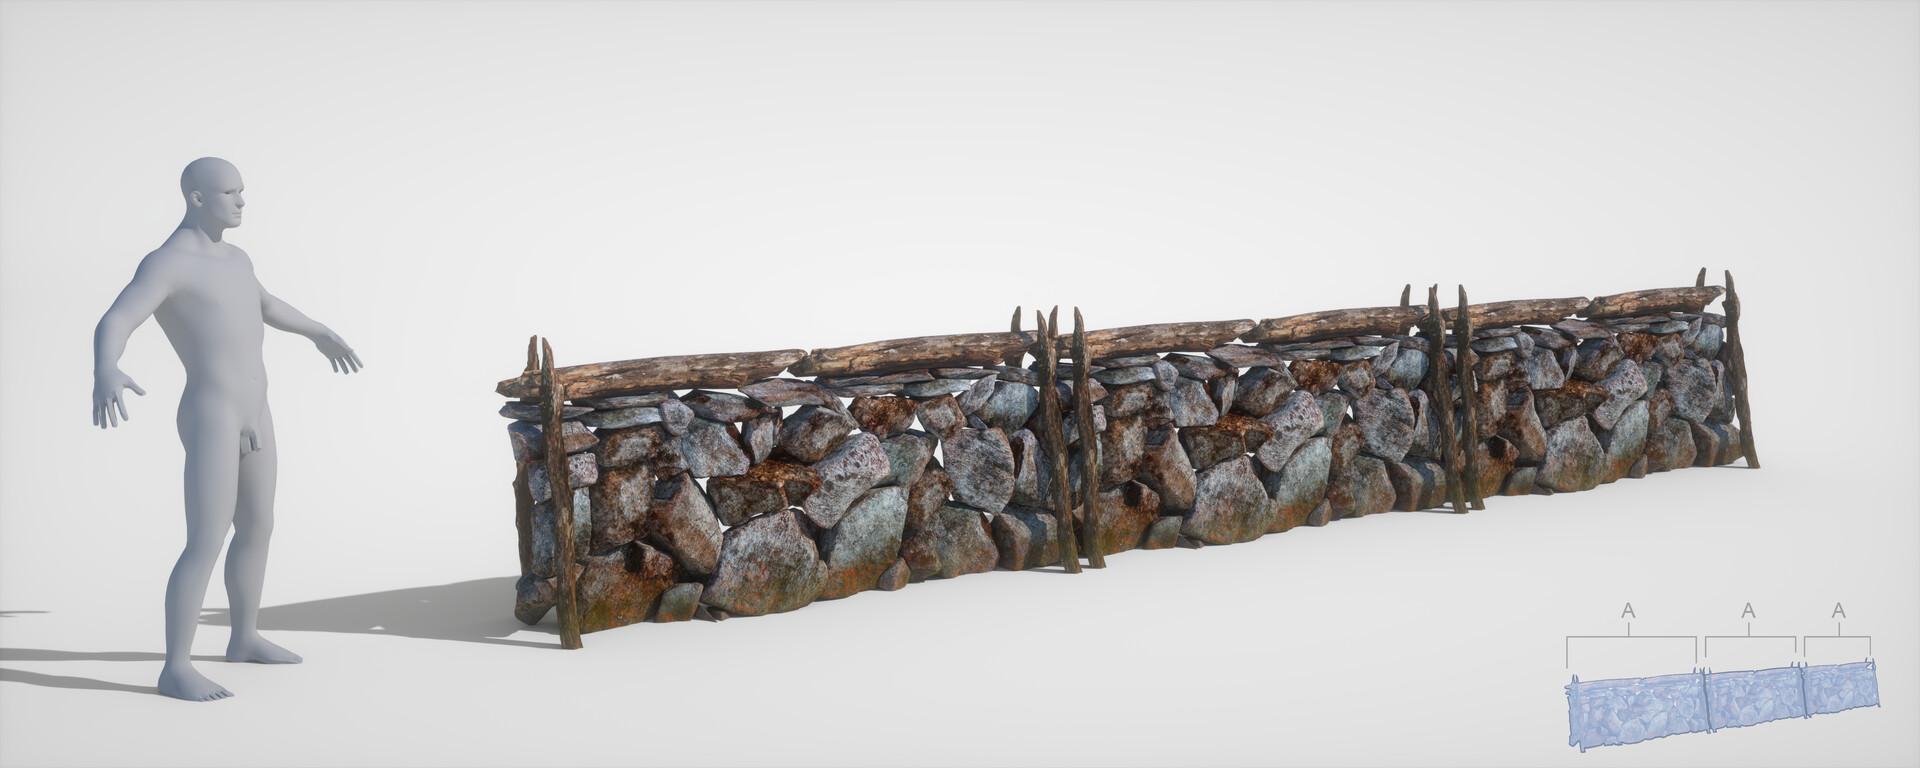 Jordi van hees stone wall